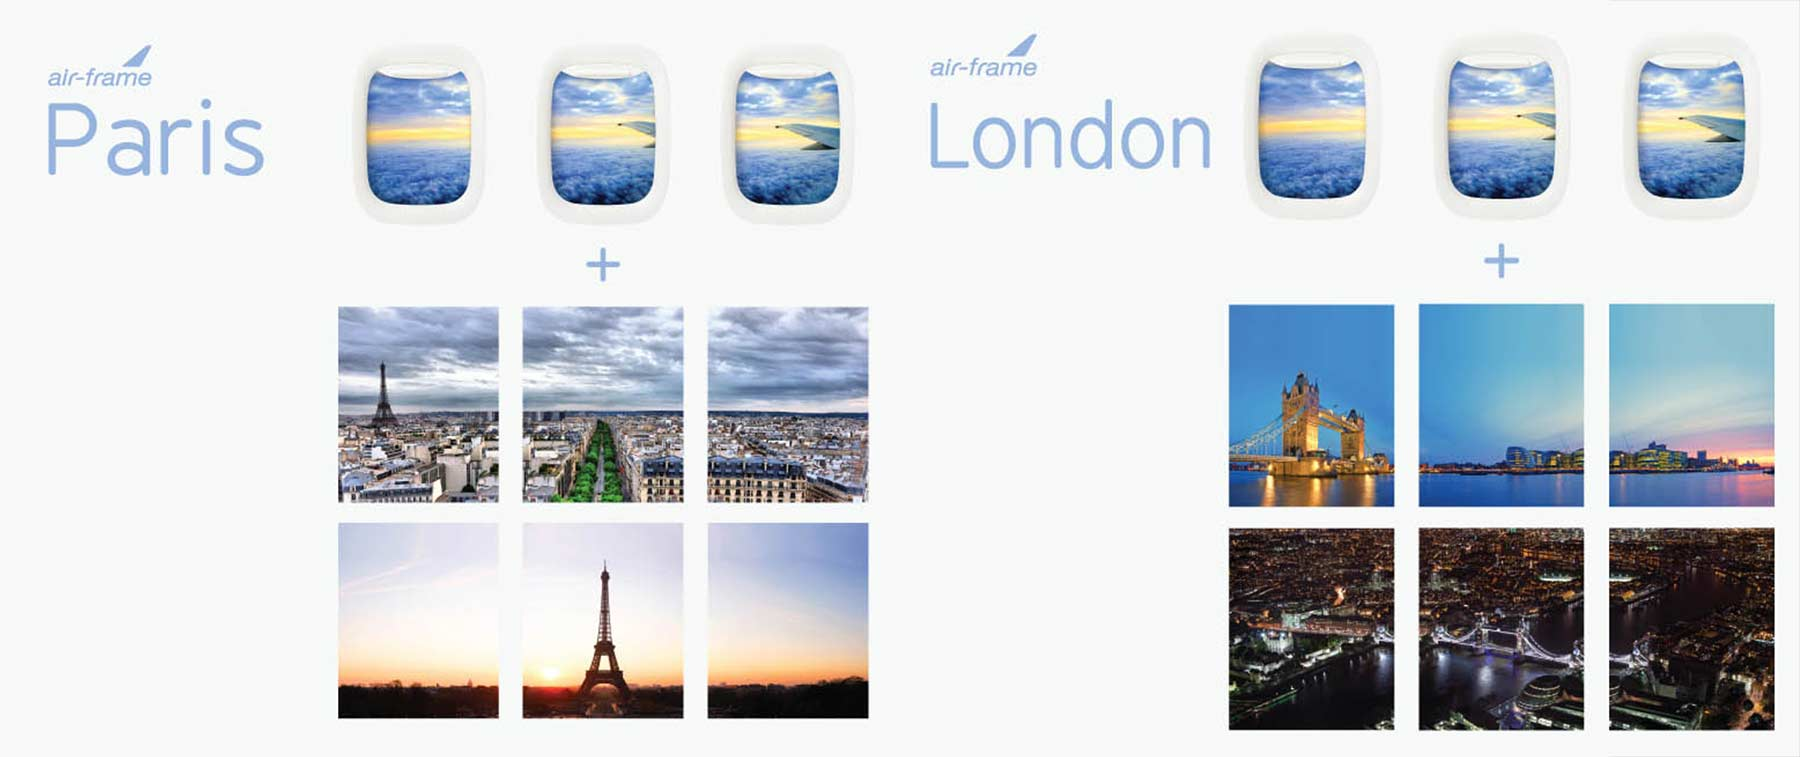 Flugzeugfensterbilderrahmen Flugzeugfensterbilderrahmen_05